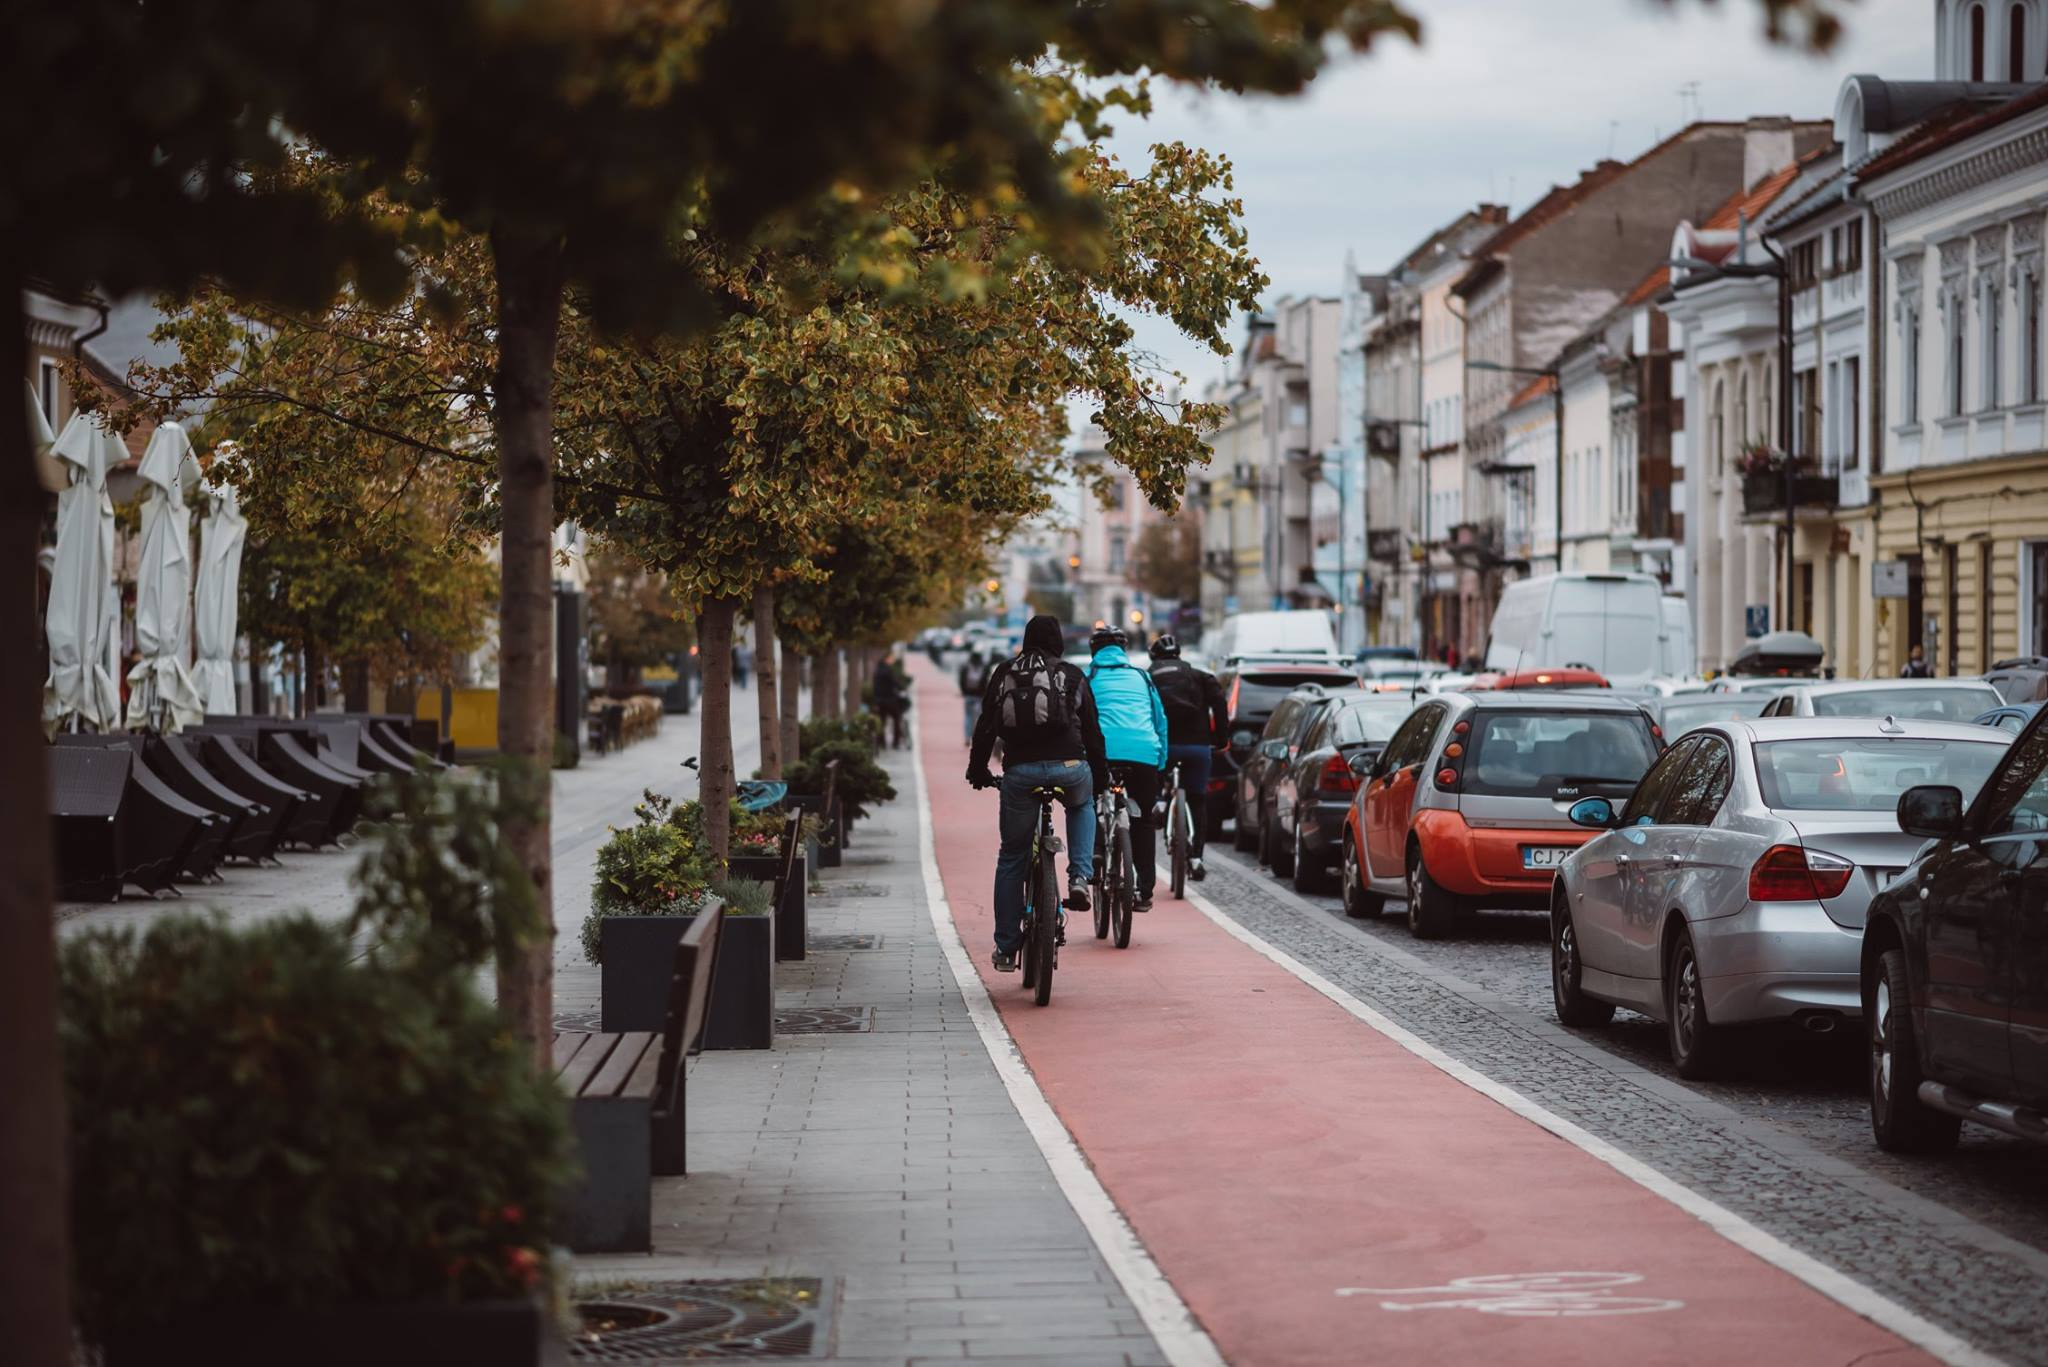 """Clujul, neprietenos cu bicicliștii. """"Nu mai încurajez pe absolut nimeni să folosească bicicleta în Cluj, orașul nu este pregătit nici ca infrastructură, nici ca mentalitate"""""""